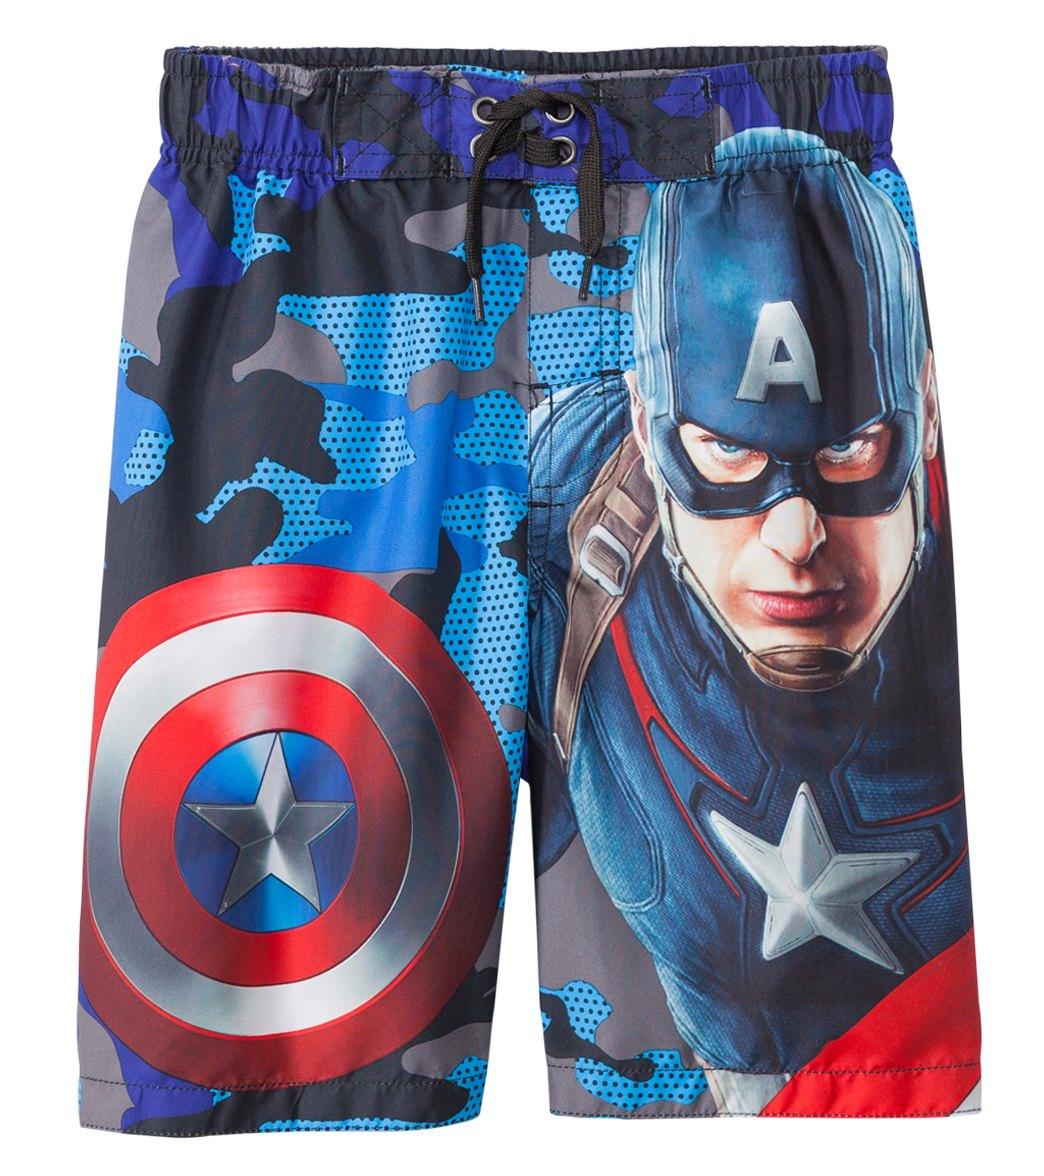 4c9863686e02e Marvel Boys' Captain America Swim Trunks (4-7) at SwimOutlet.com